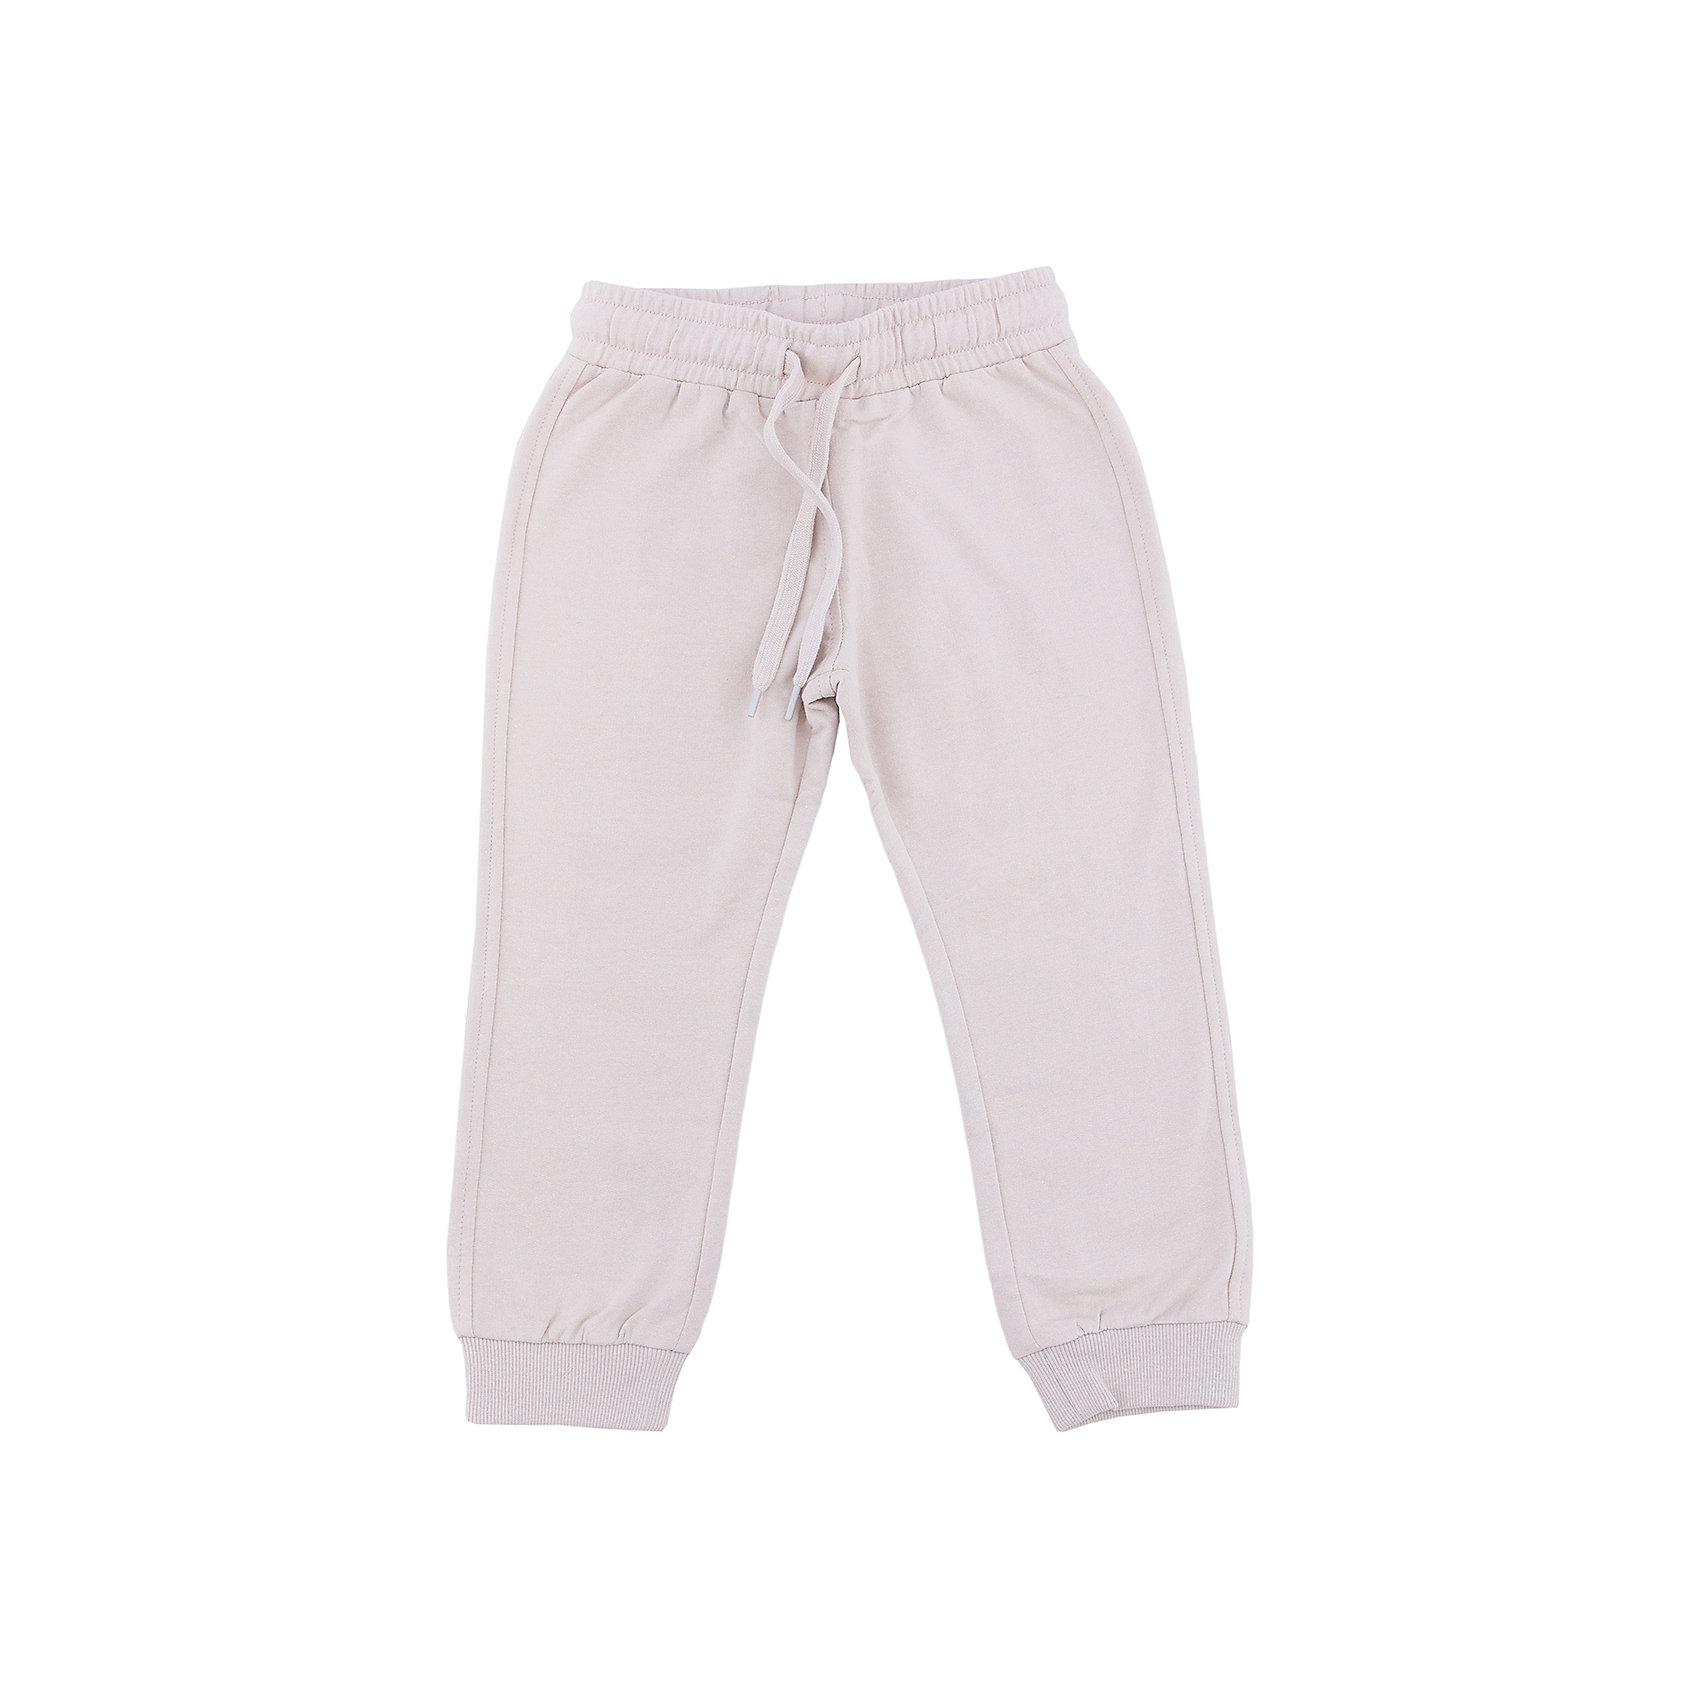 Брюки для мальчика SELAСпортивная одежда<br>Брюки для мальчика SELA (Села)<br><br>Характеристики:<br><br>• длина: полная с манжетами<br>• прямой, зауженный к низу силуэт<br>• состав: 60% хлопок, 40% полиэстер<br>• коллекция: весна 2017<br>• бежевый<br><br>Брюки для мальчика от известного бренда Sela очень удобны для каждого мальчика. Они имеют прямой силуэт, который заужен к низу и дополнен манжетами. Широкая резинка и завязки на поясе обеспечат удобство при ношении. Модель не сковывает движений ребенка даже во время самых активных игр. <br><br>Брюки для мальчика SELA (Села) вы можете купить в нашем интернет-магазине.<br><br>Ширина мм: 215<br>Глубина мм: 88<br>Высота мм: 191<br>Вес г: 336<br>Цвет: бежевый<br>Возраст от месяцев: 60<br>Возраст до месяцев: 72<br>Пол: Мужской<br>Возраст: Детский<br>Размер: 116,92,98,104,110<br>SKU: 5302343